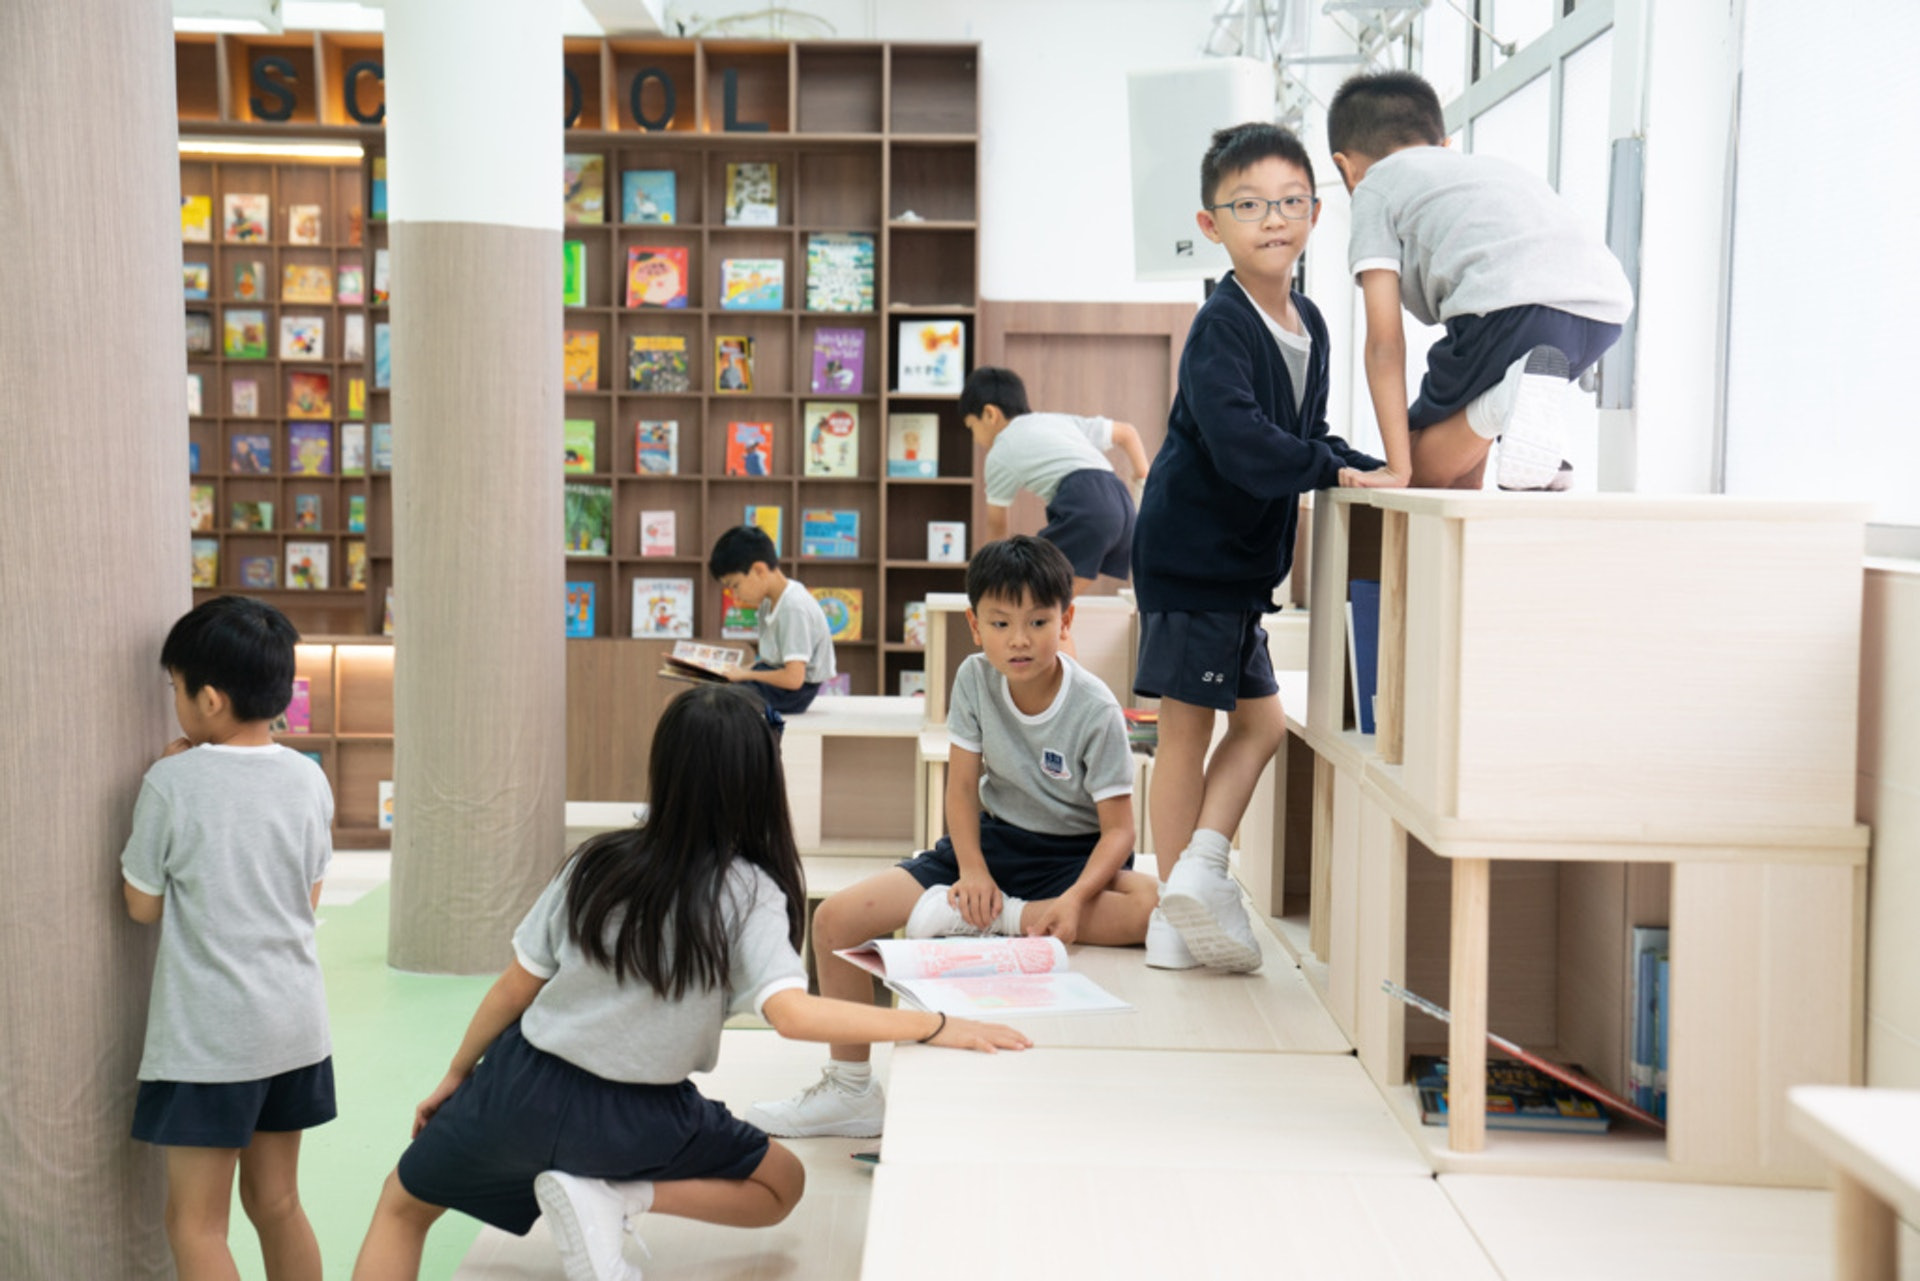 除了Sch-brary,整間學校都沿用了一樣尺寸的格仔,把校內空間更靈活使用。